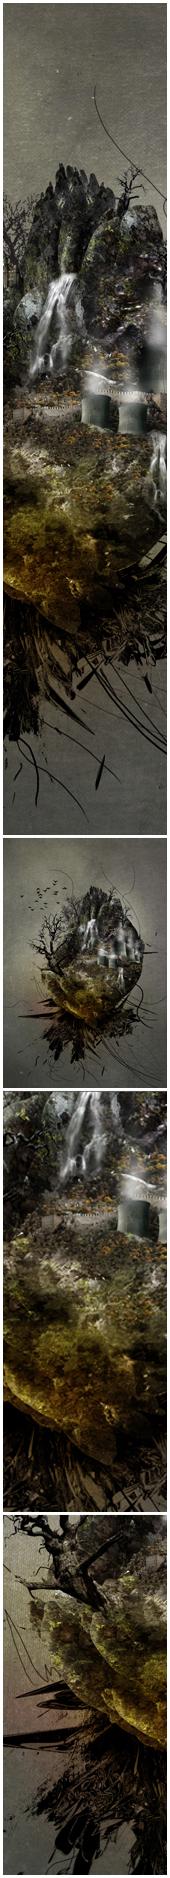 plague.2 by dsgncore